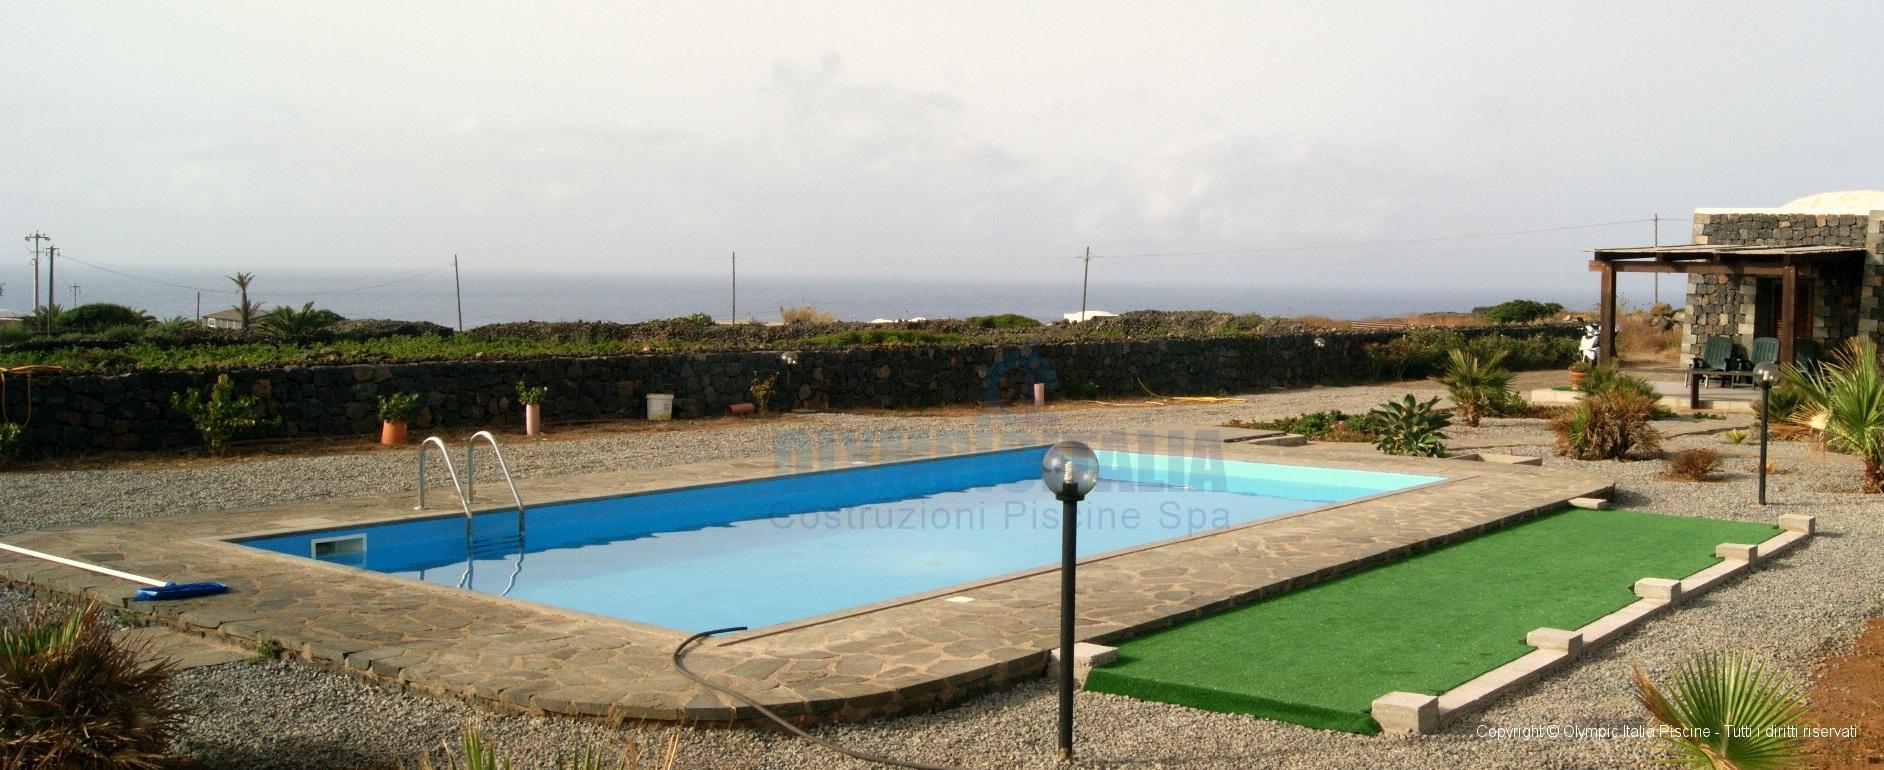 Piscine prefabbricate residence pantelleria for Residence piscine